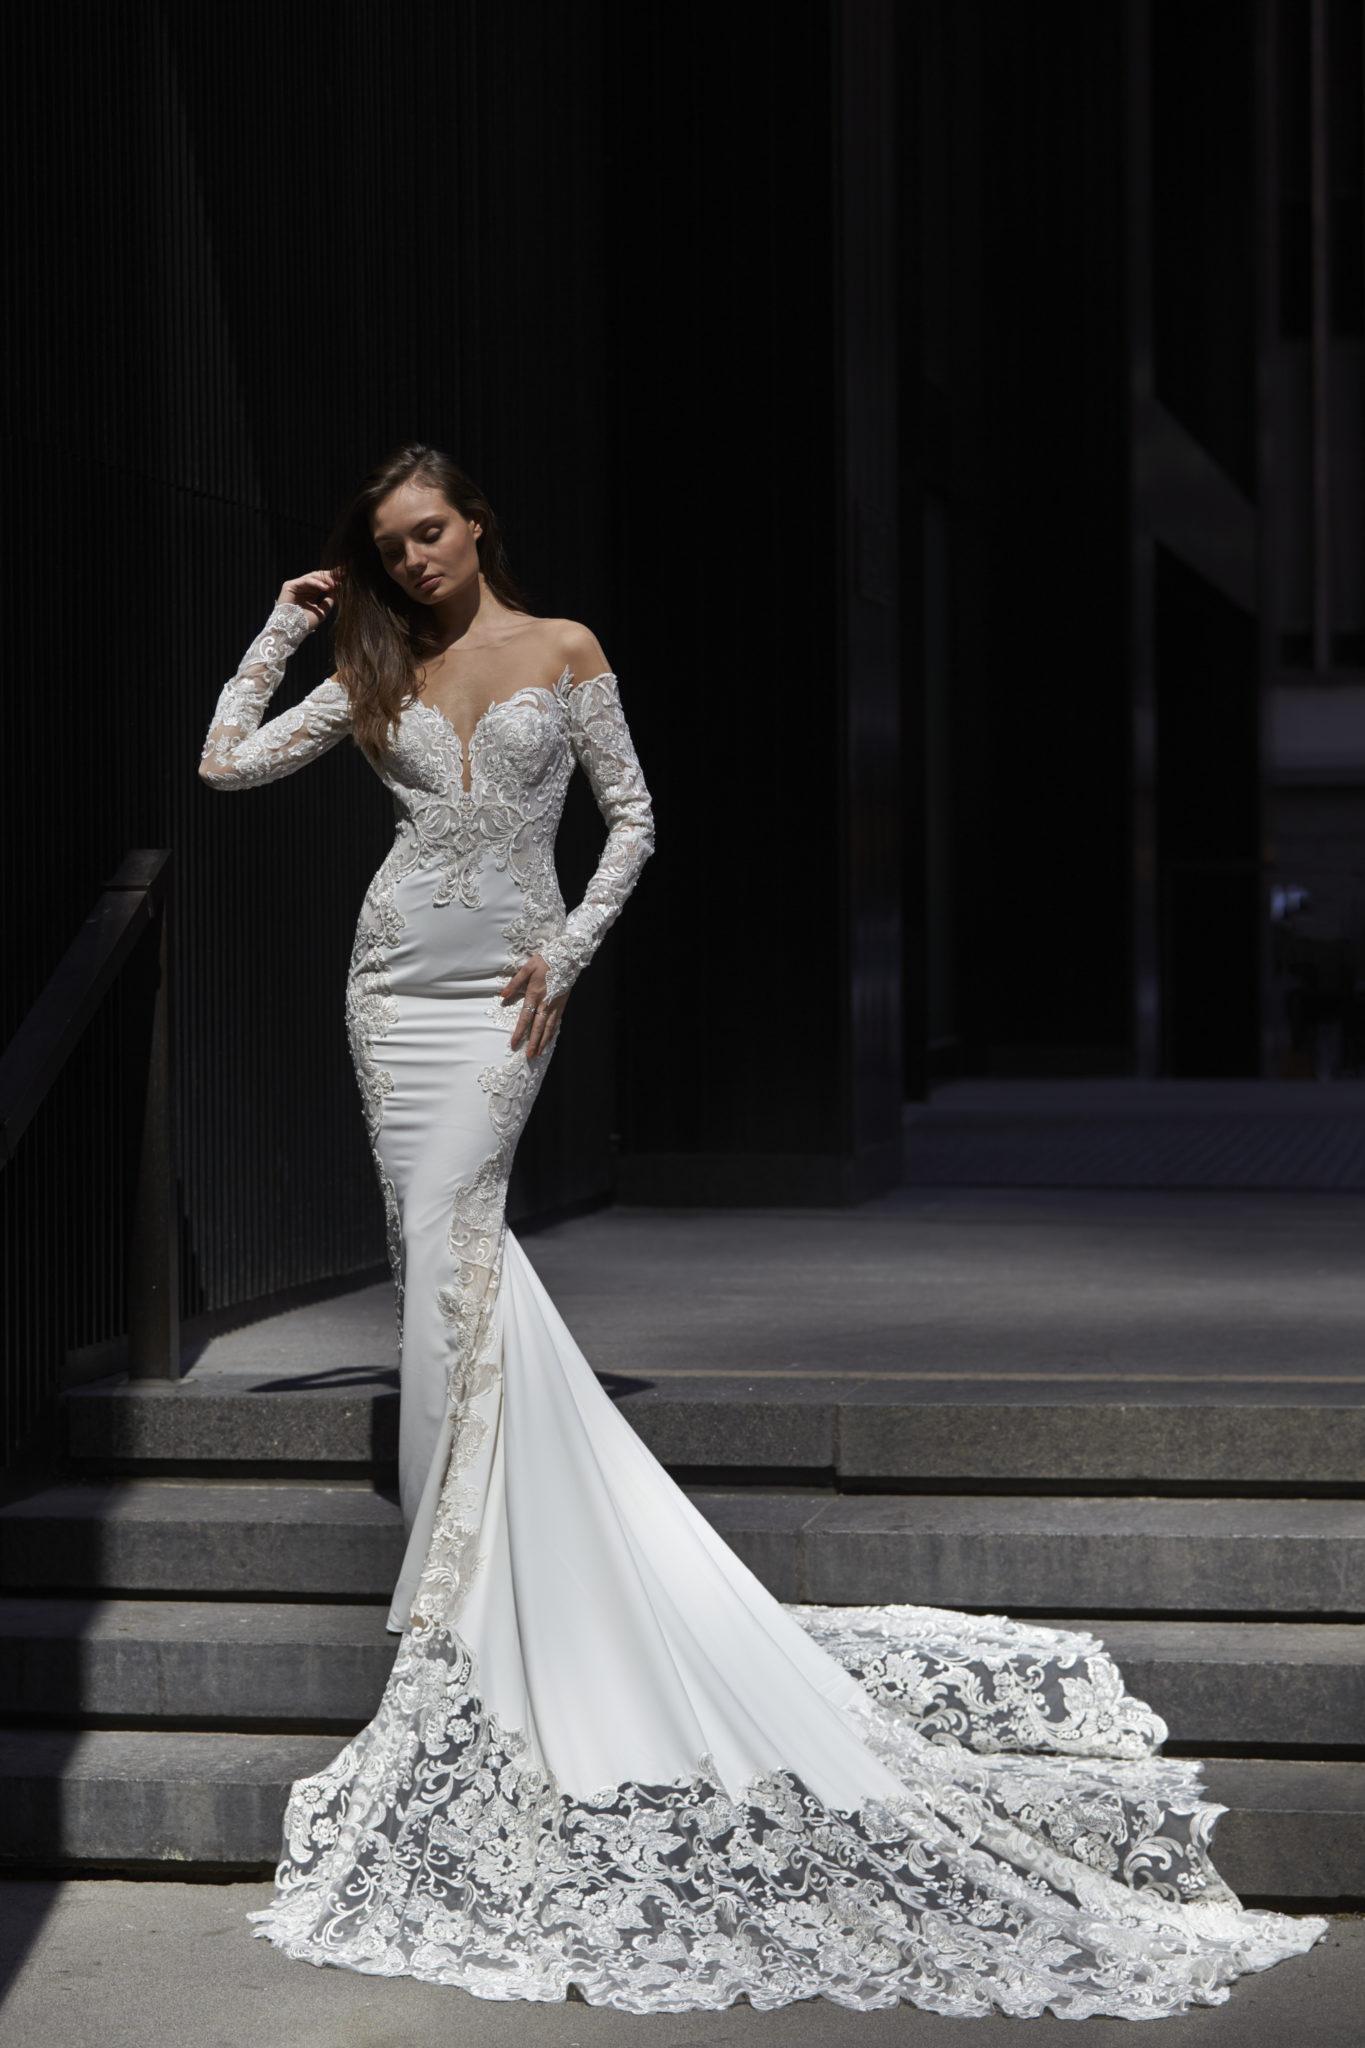 Editorial Shoot: Israeli Designer Michal Medina at NY Bridal Fashion Week – Fall 2016